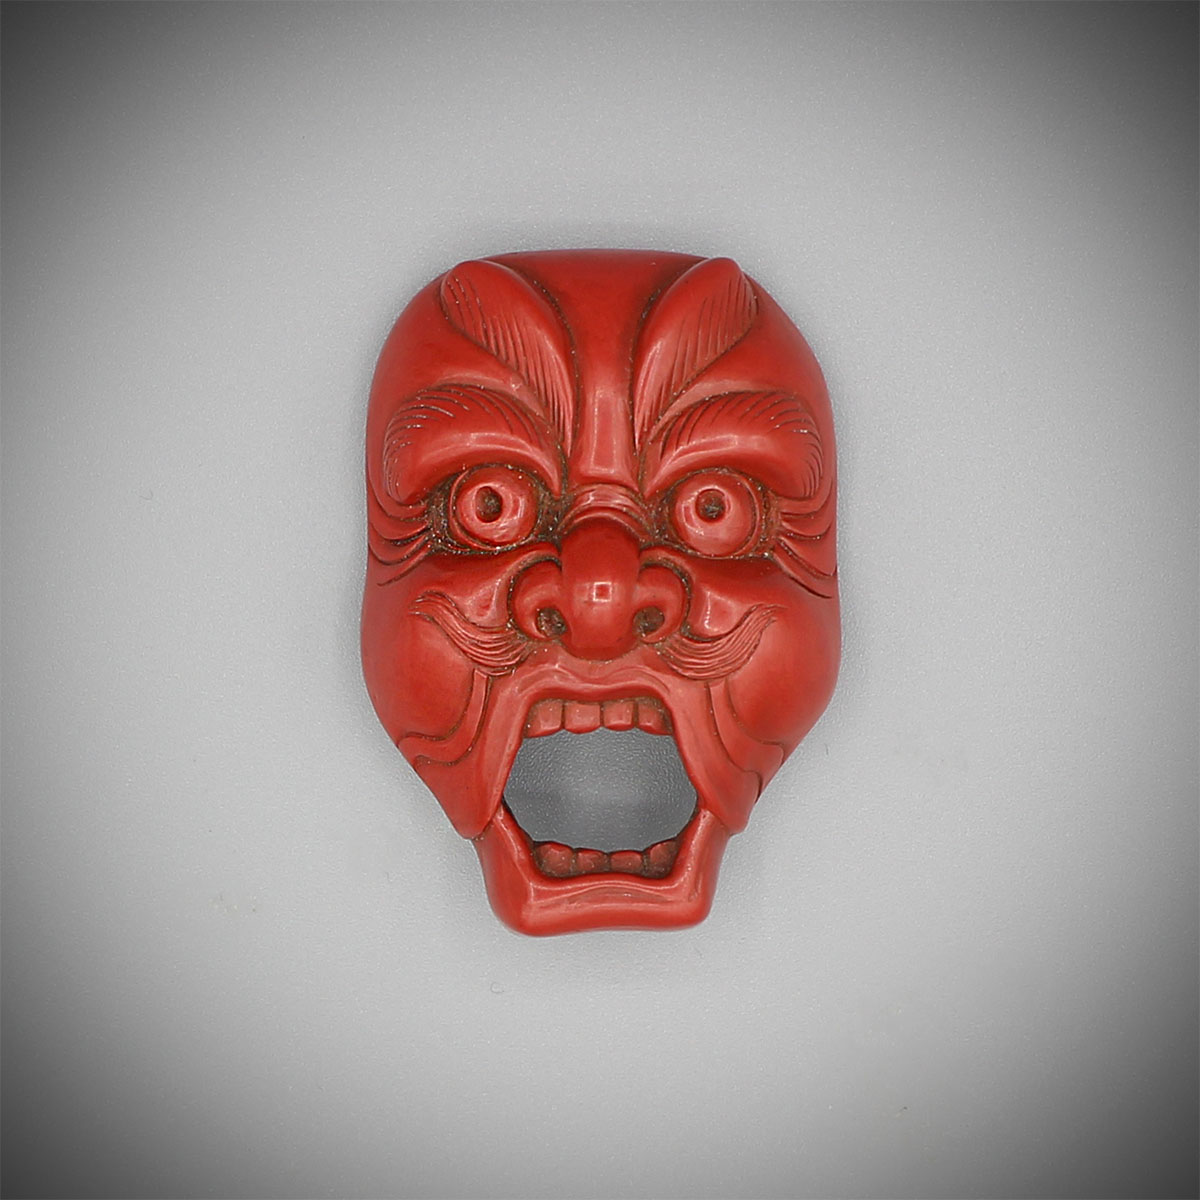 Резная красная лаковая маска нэцкэ Генджораку, Хосай, MR3143_v1